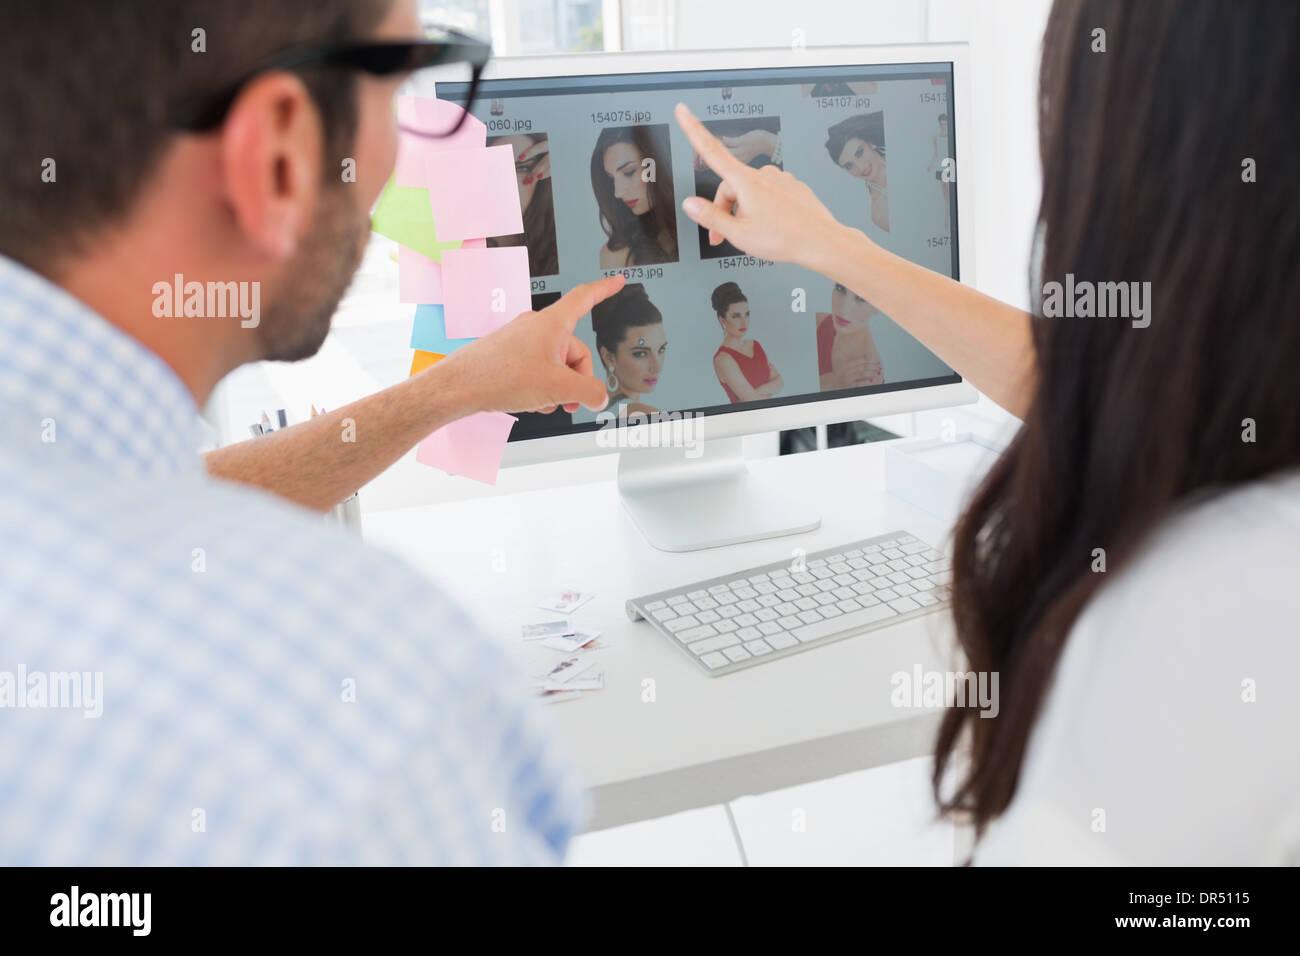 Vista trasera de editores fotográficos ocasionales trabajando en equipo Imagen De Stock